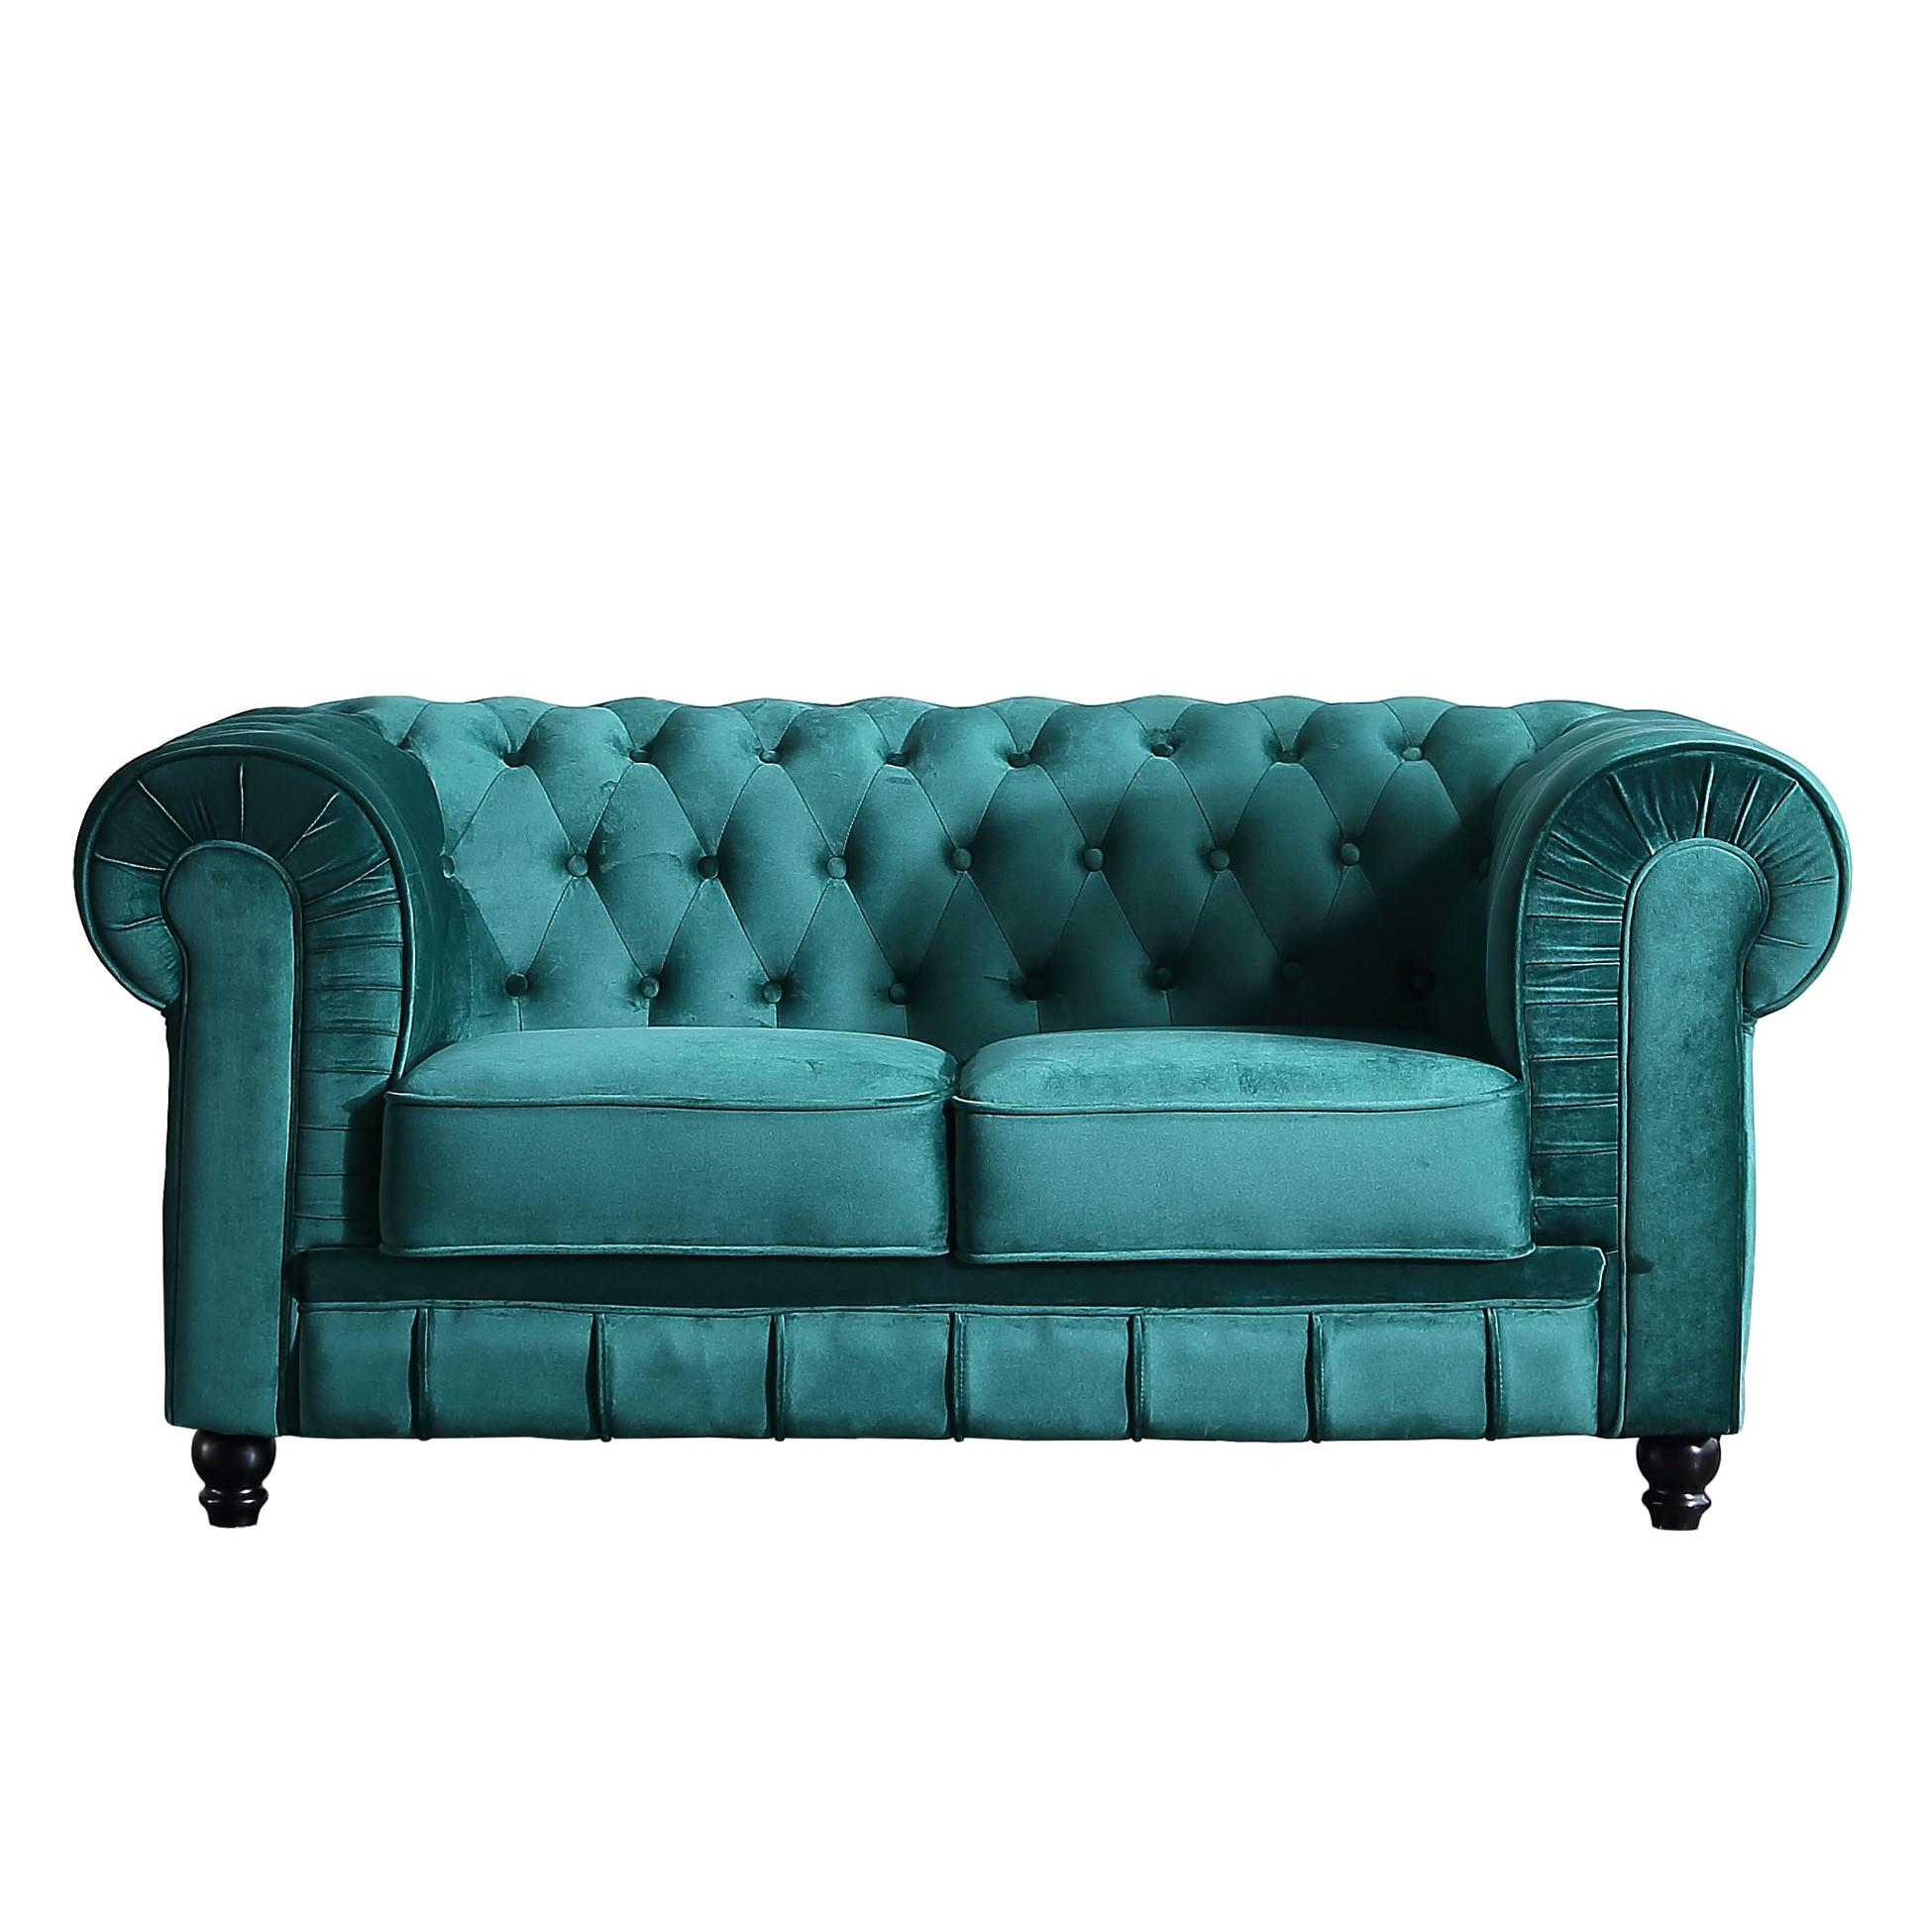 31638-sofa-2p-chesterfield-verde-velvet.jpg